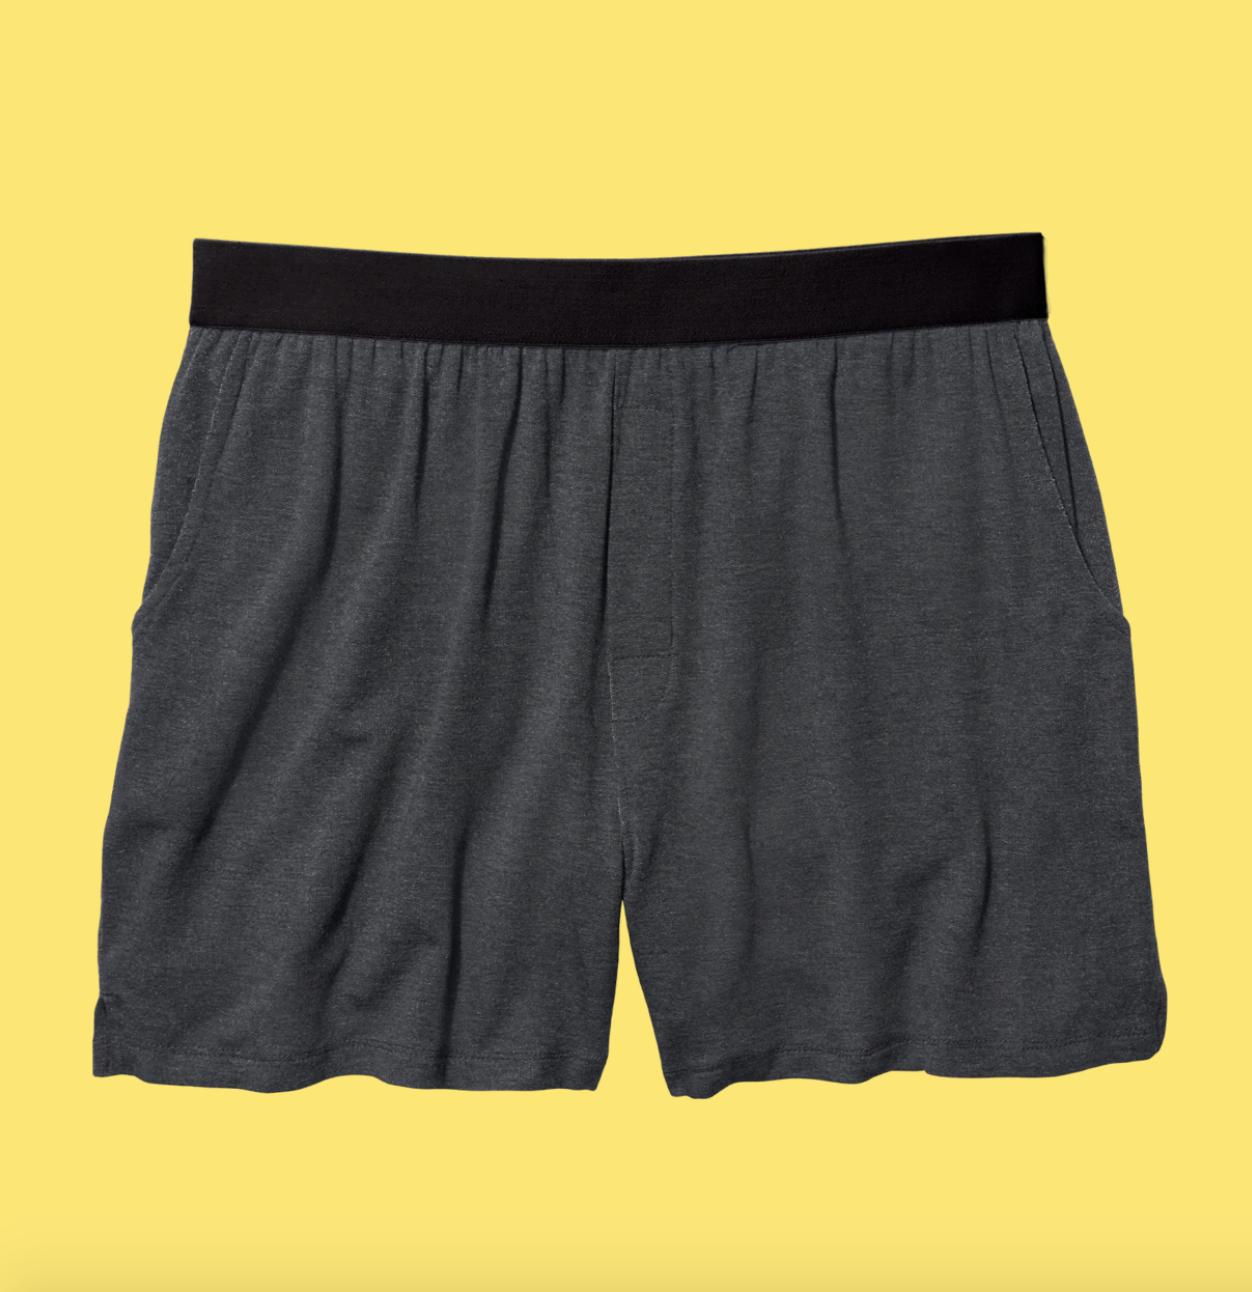 Jambys unisex loungewear- best gifts for men